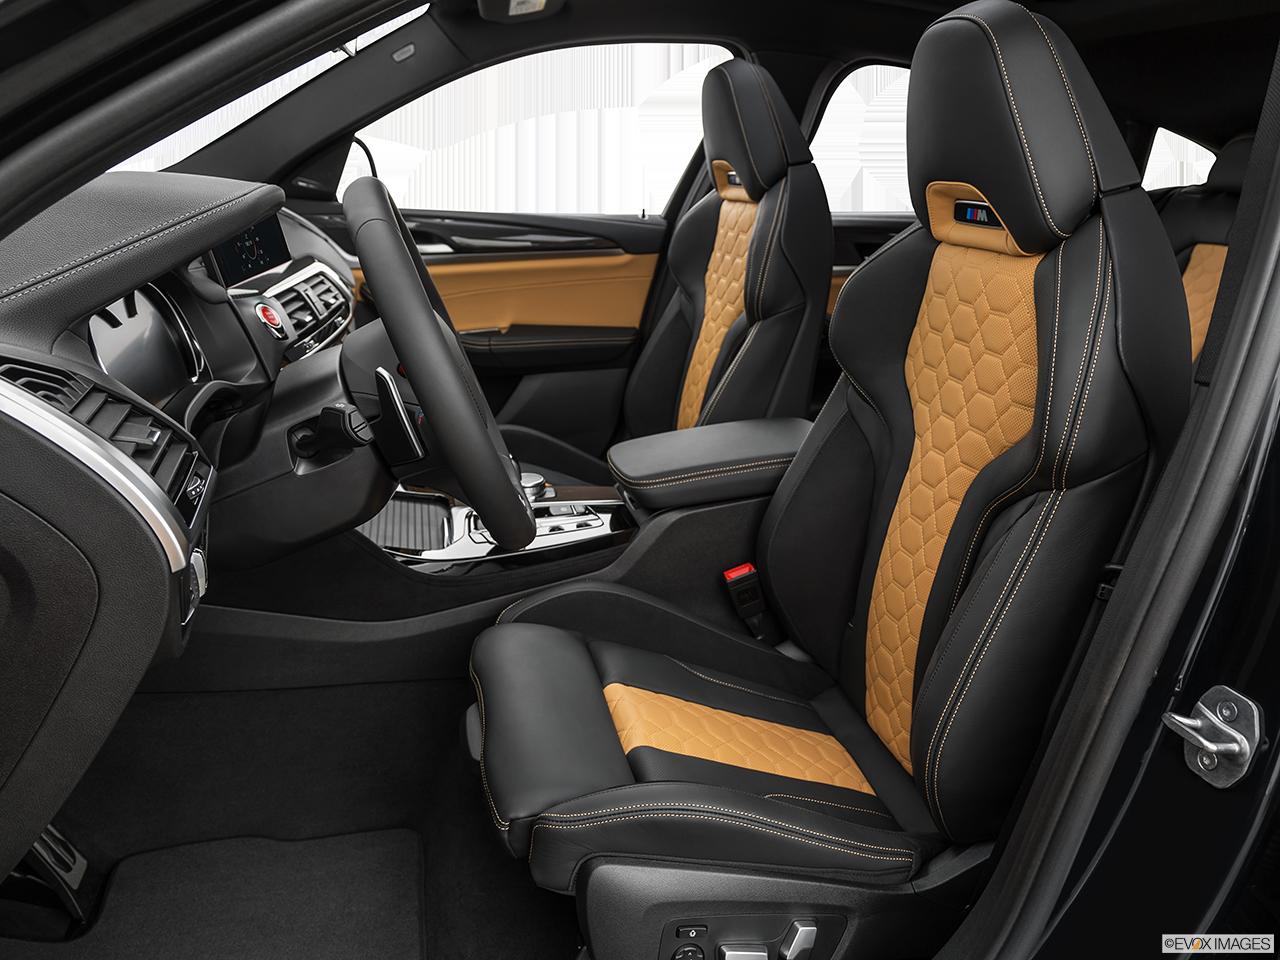 2020 BMW X4 M photo